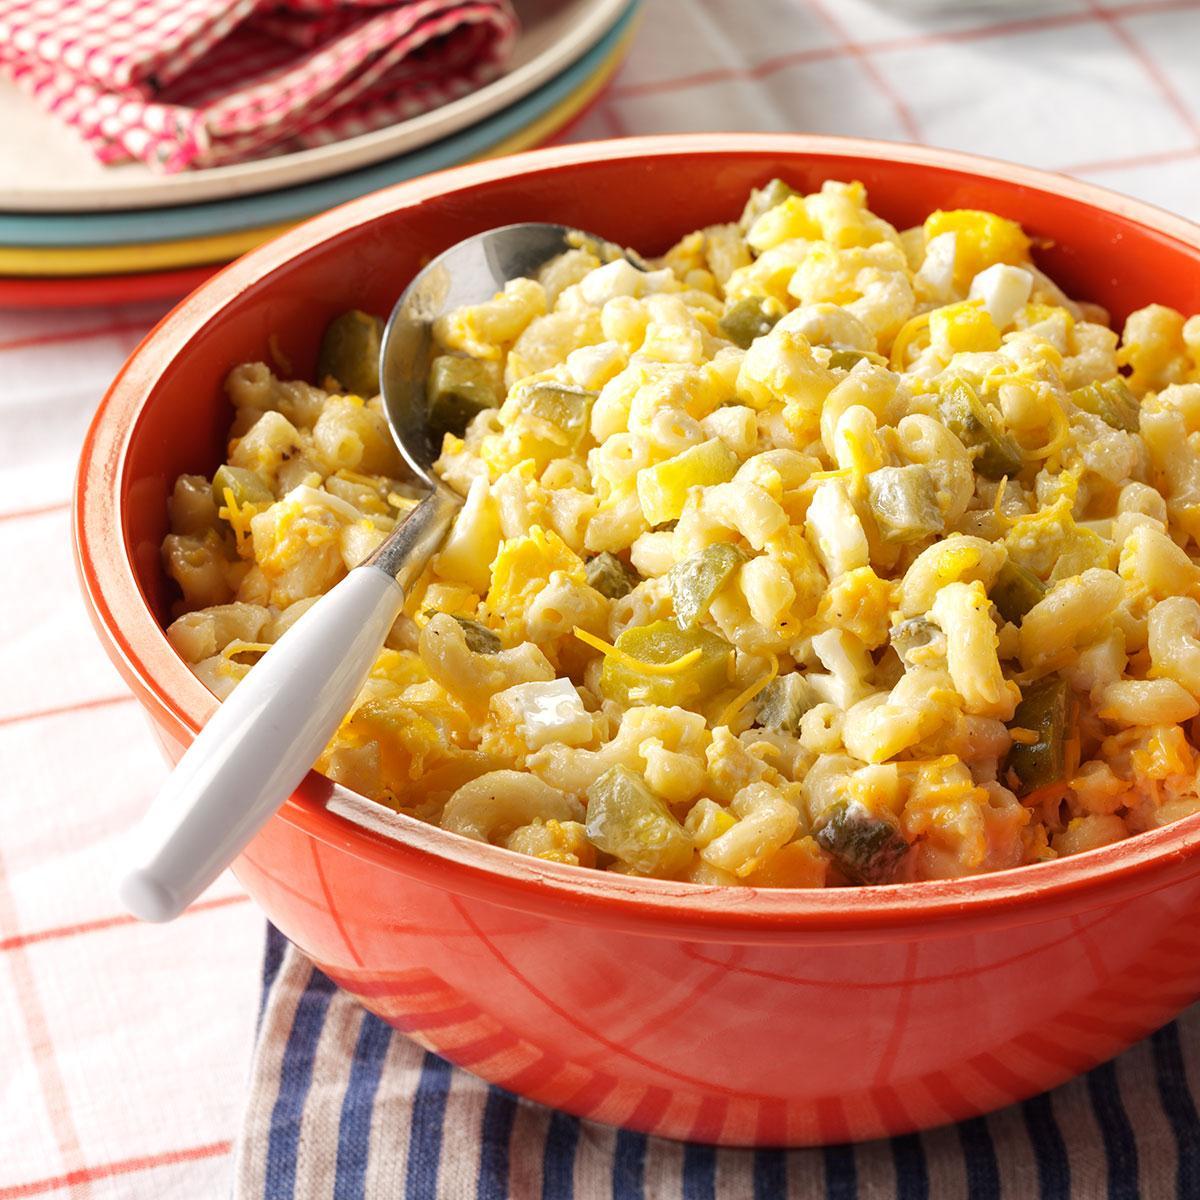 Judy's Macaroni Salad image